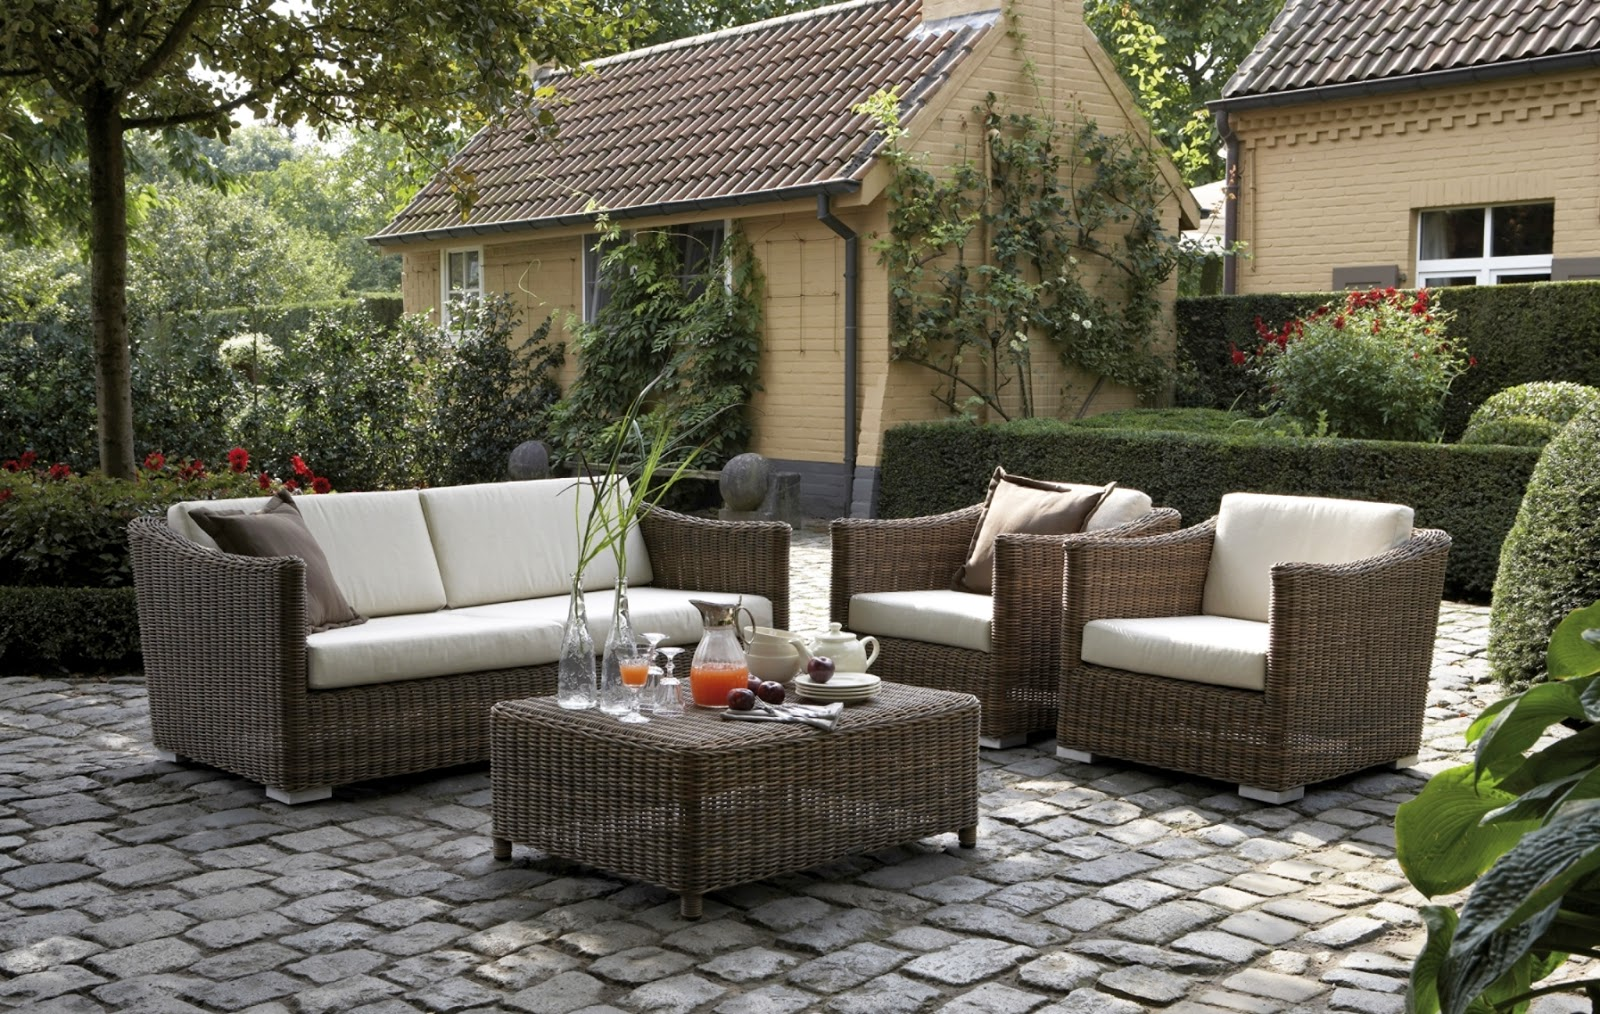 Arte y jardiner a mobiliario en dise o de jardines for Mobiliario madera jardin